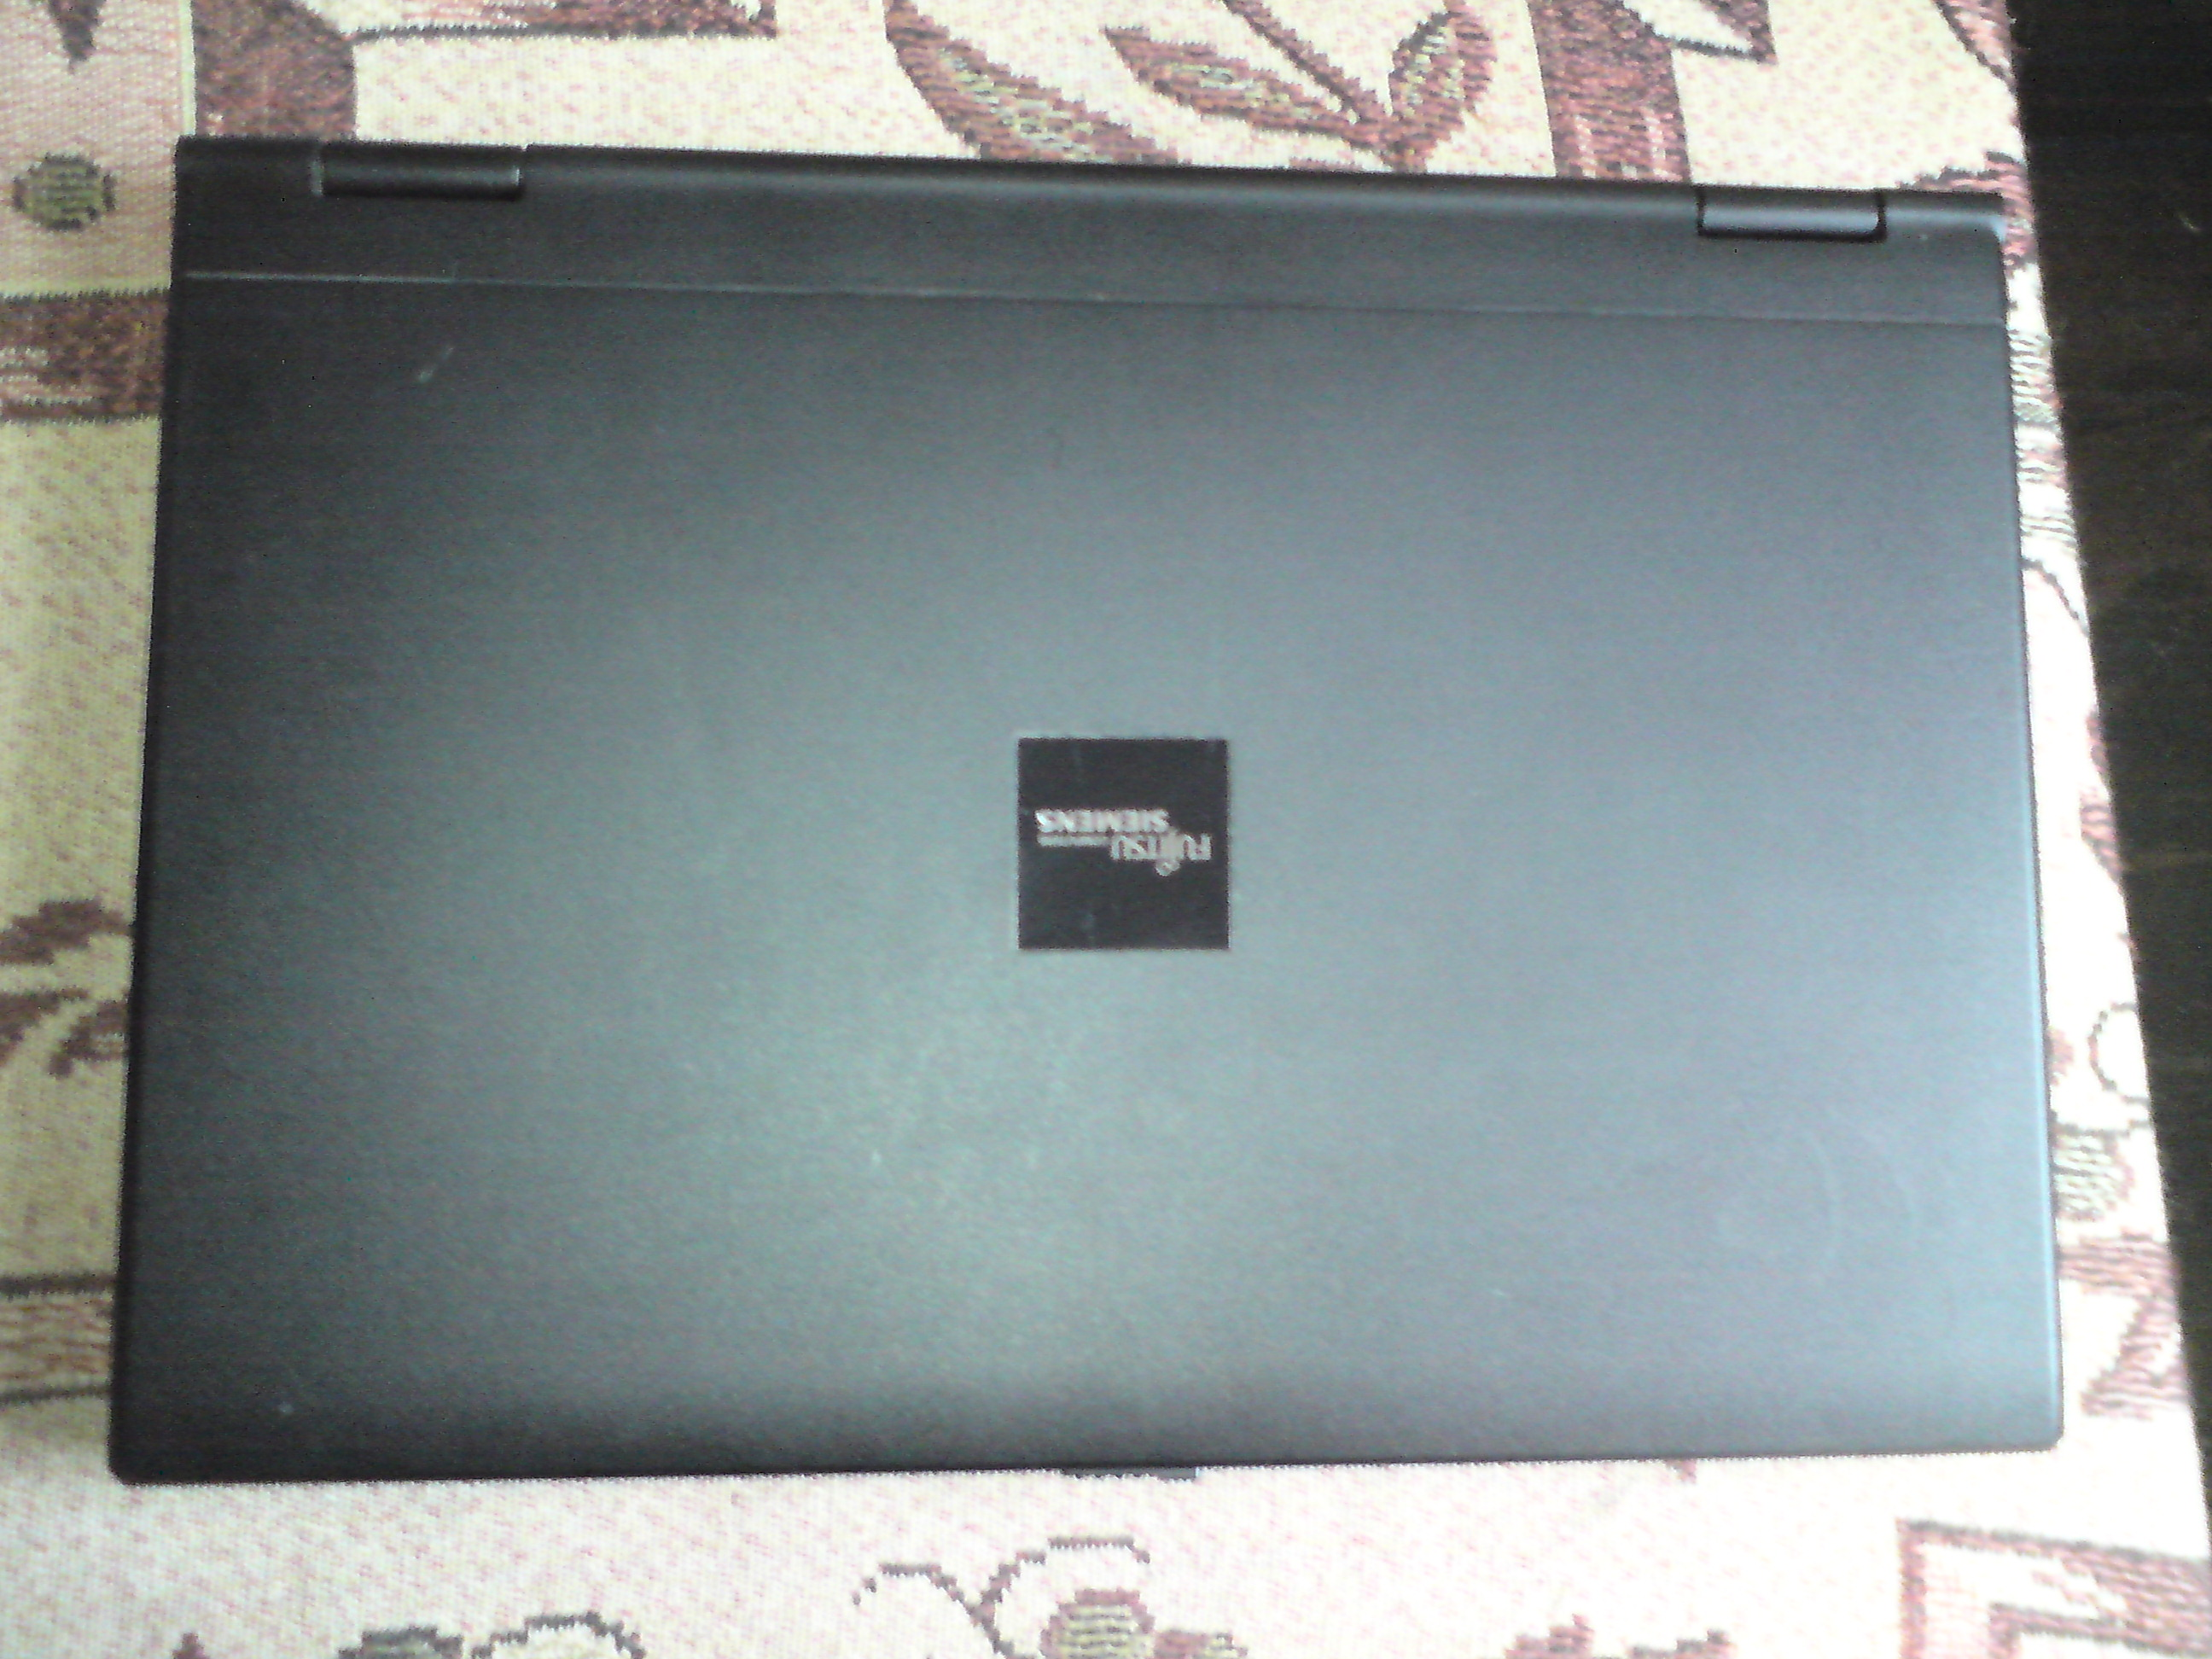 [Sprzedam] Laptop Fujitsu-Siemens, torba, usb hub, do pi�tku.